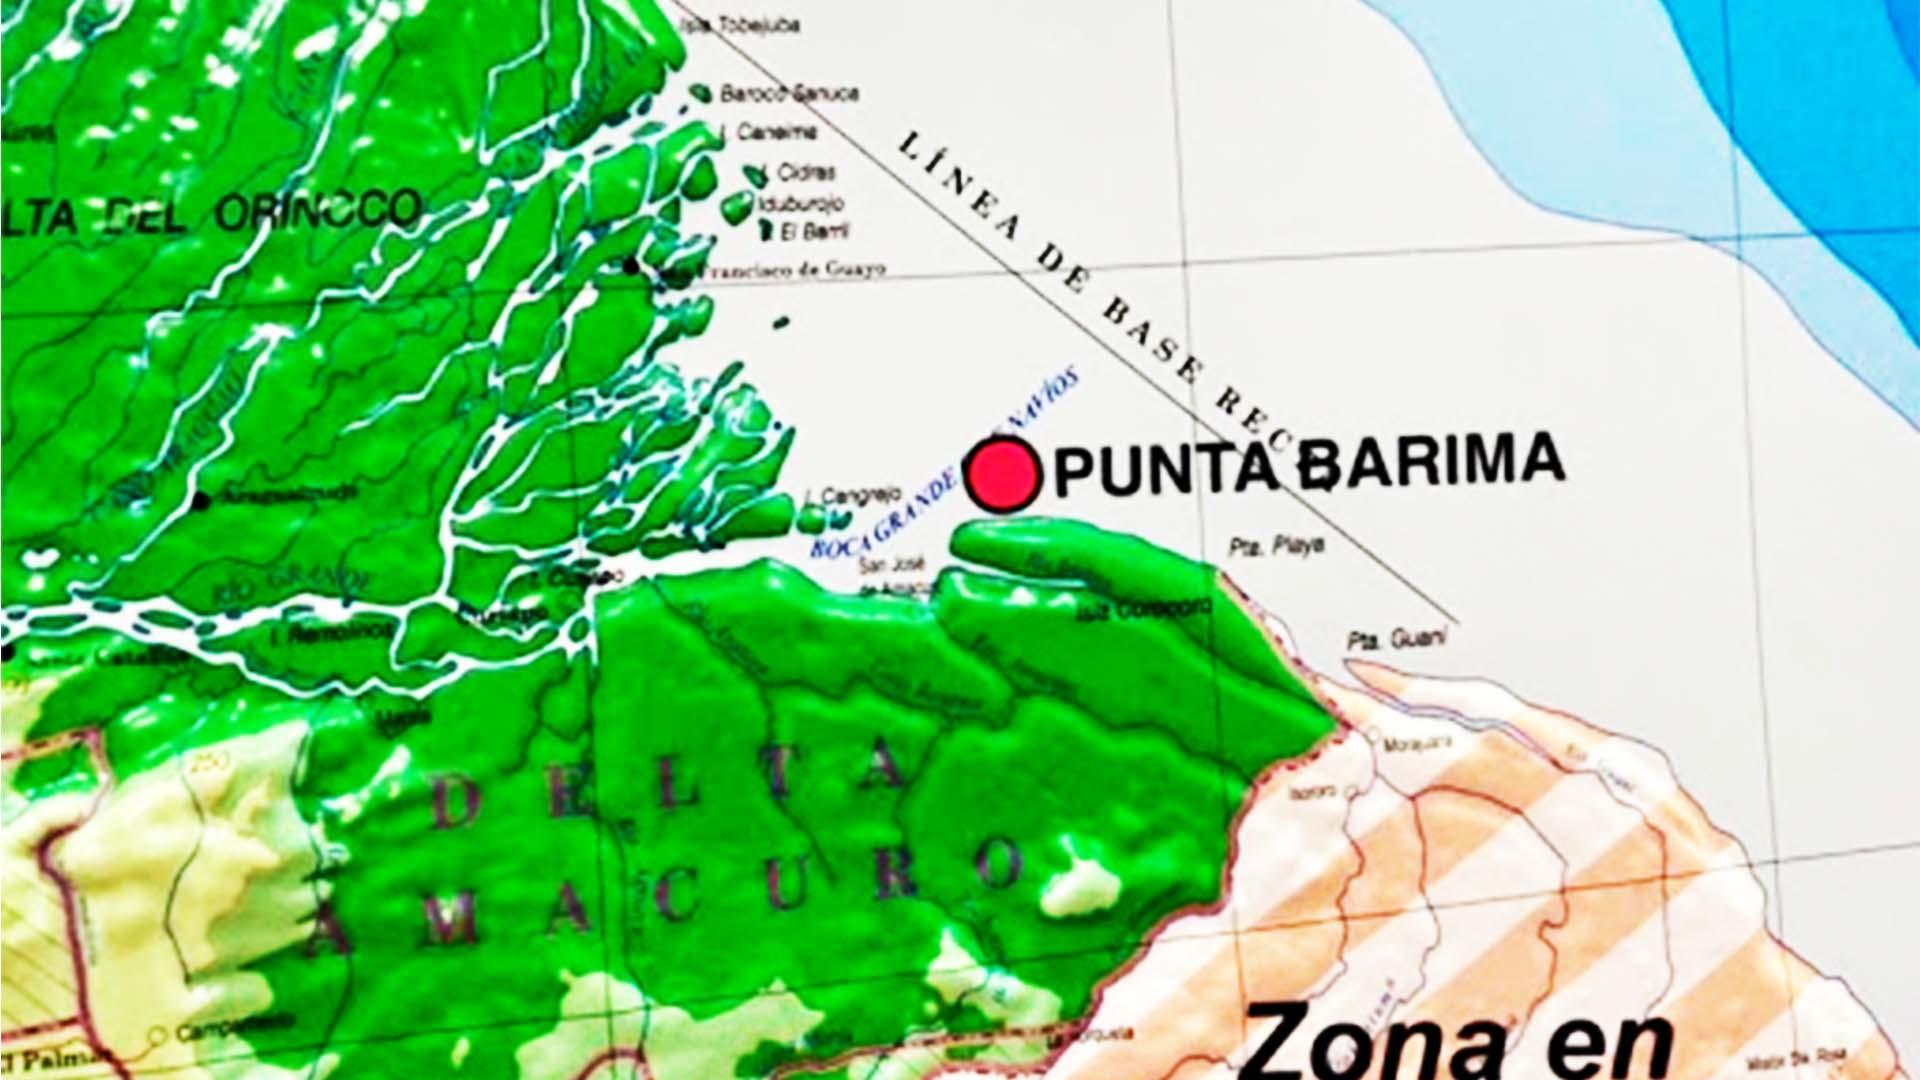 Padrino López advierte sobre históricas ambiciones británicas de proyectar su dominio hasta la venezolana Punta Barima